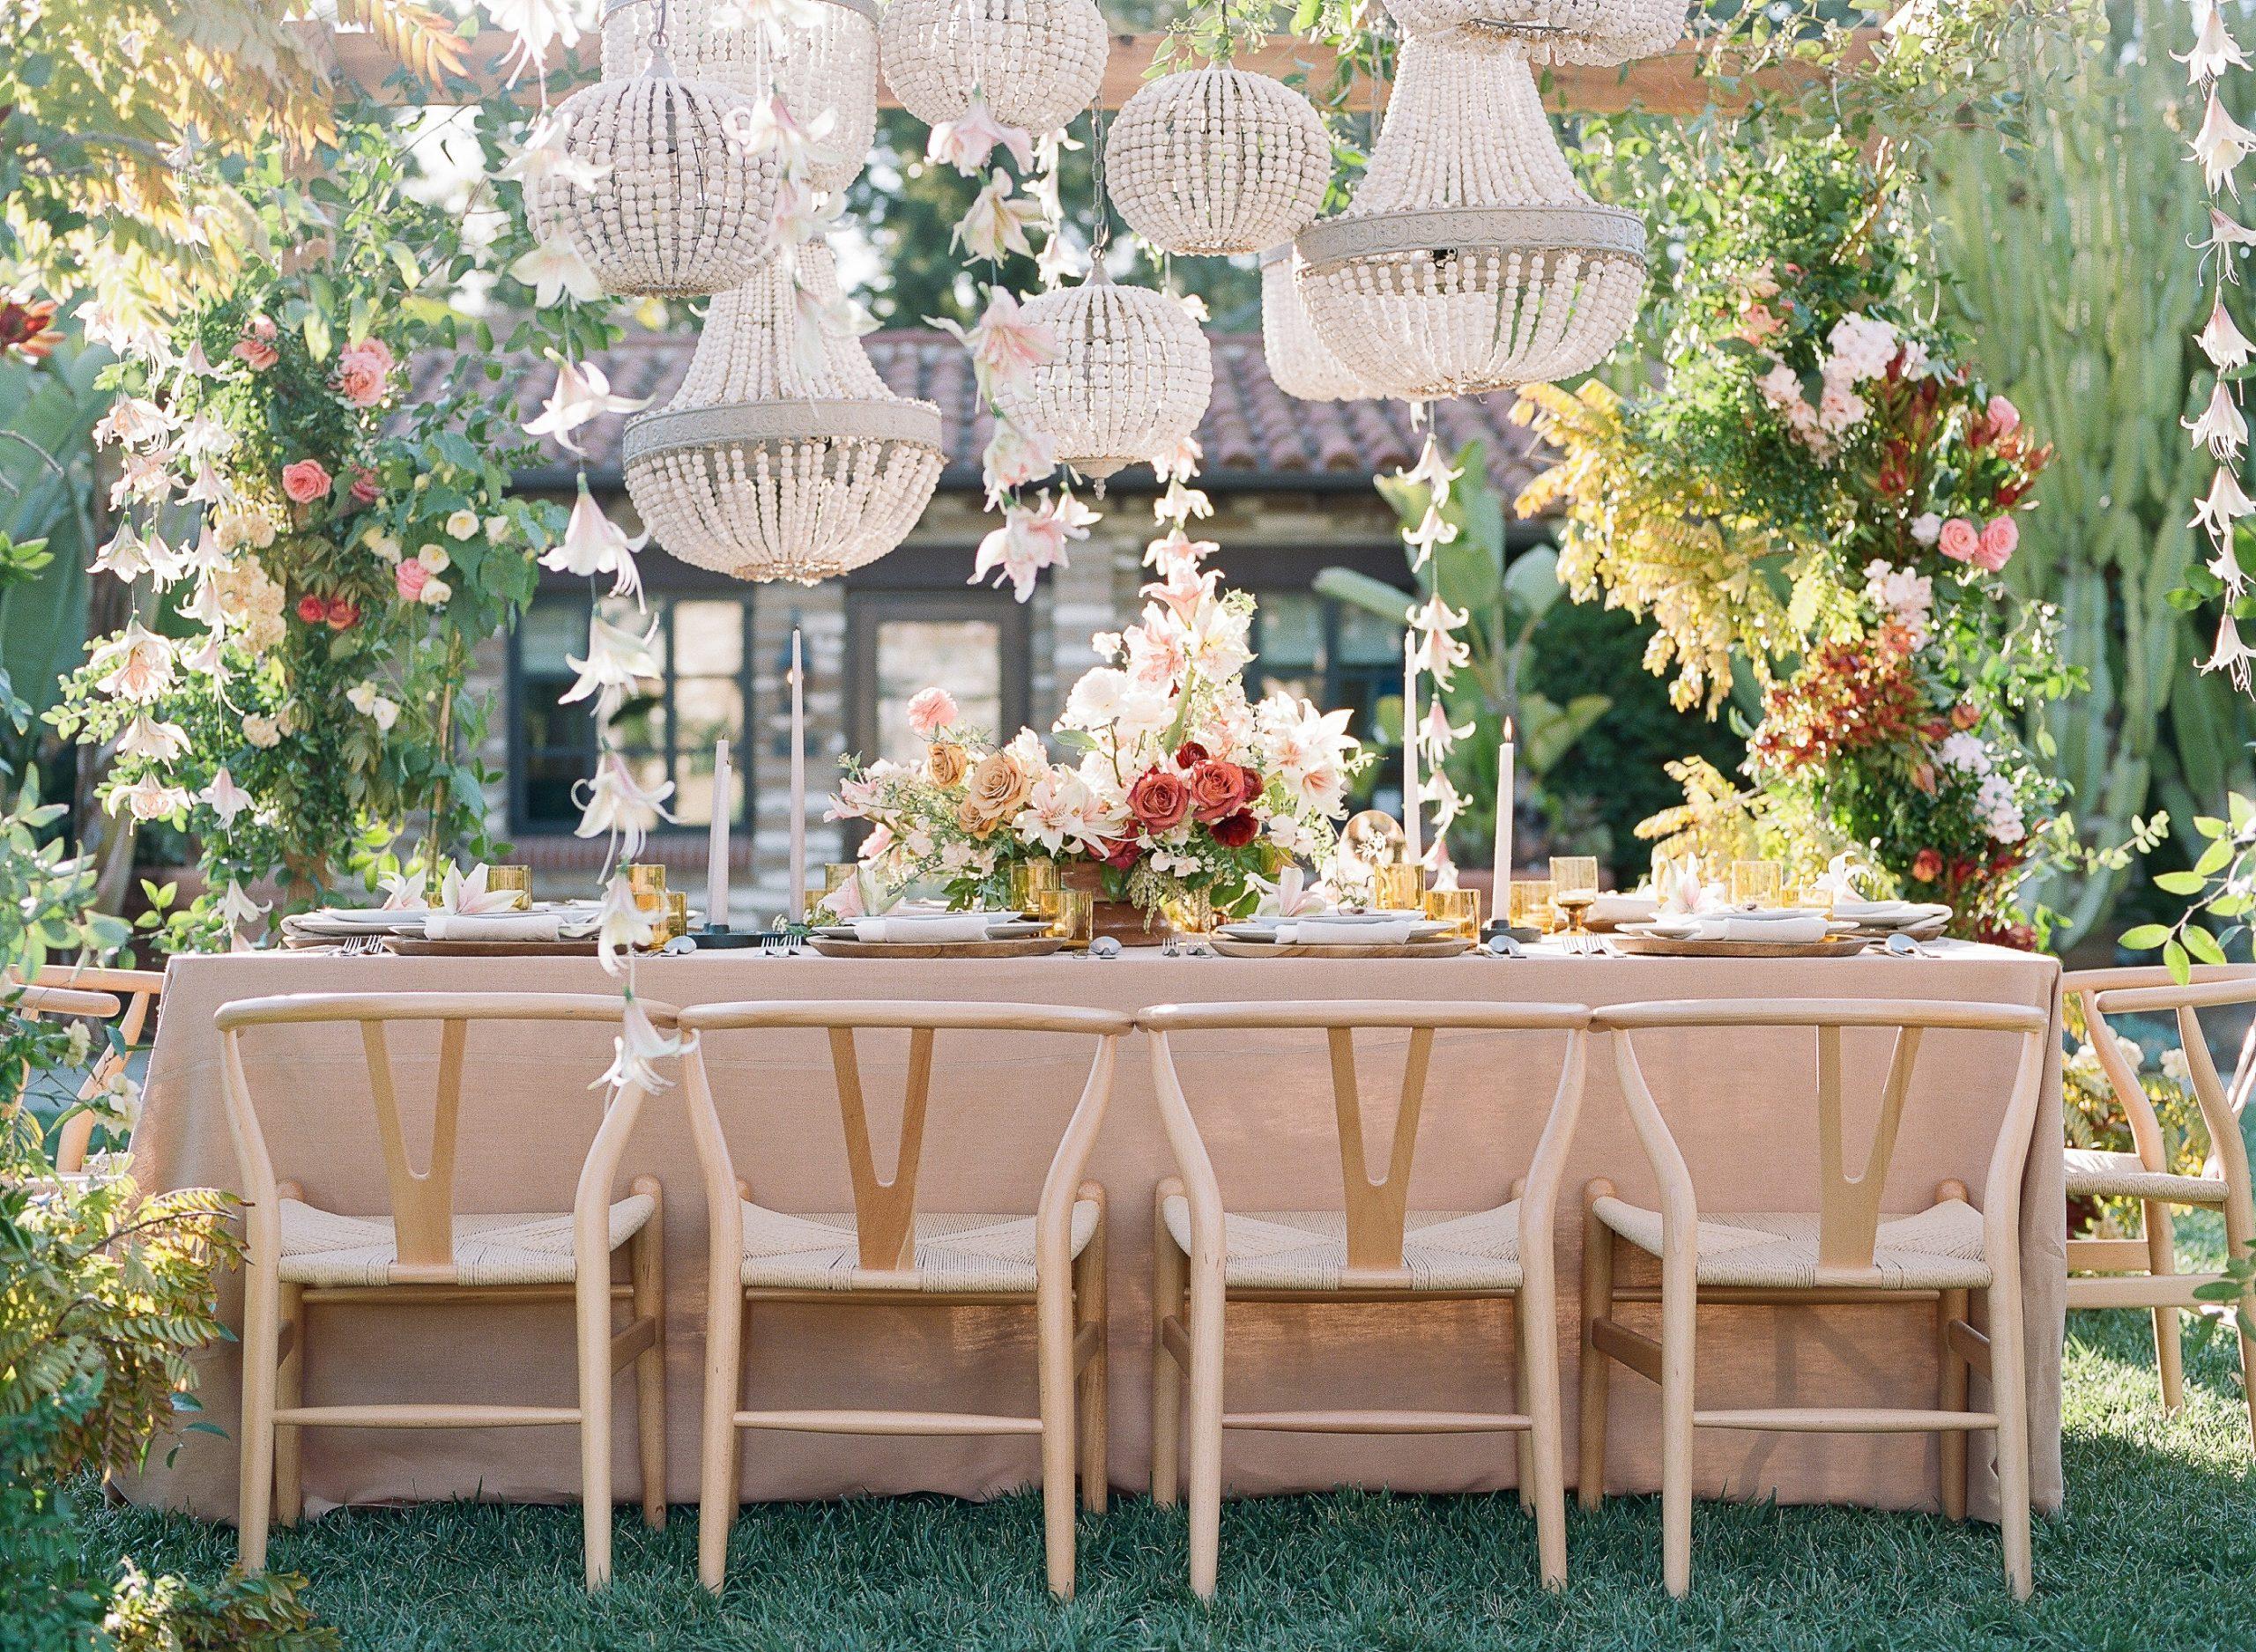 estancia garden wedding table